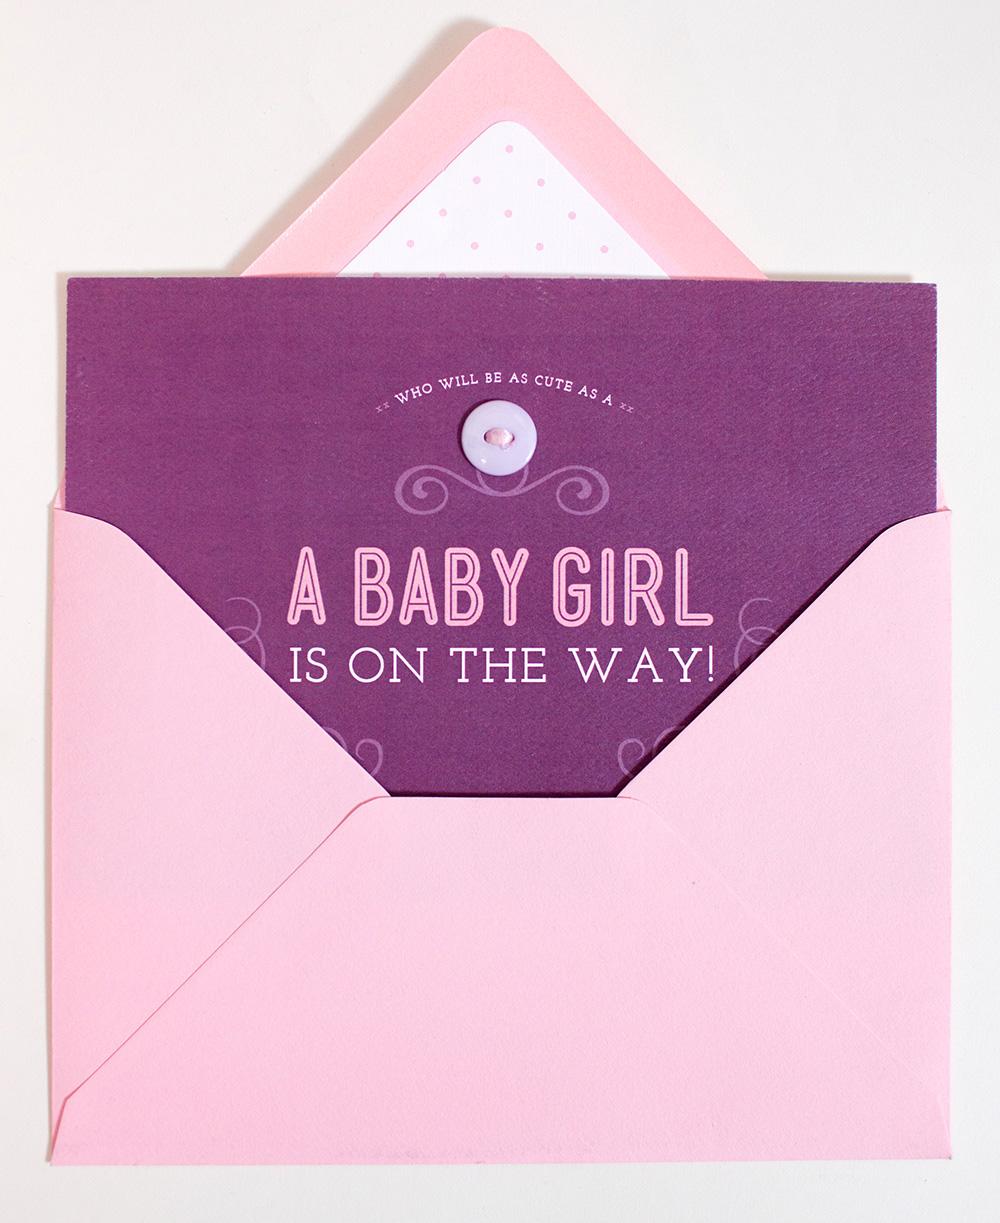 Baby-Girl-Invite_01.jpg